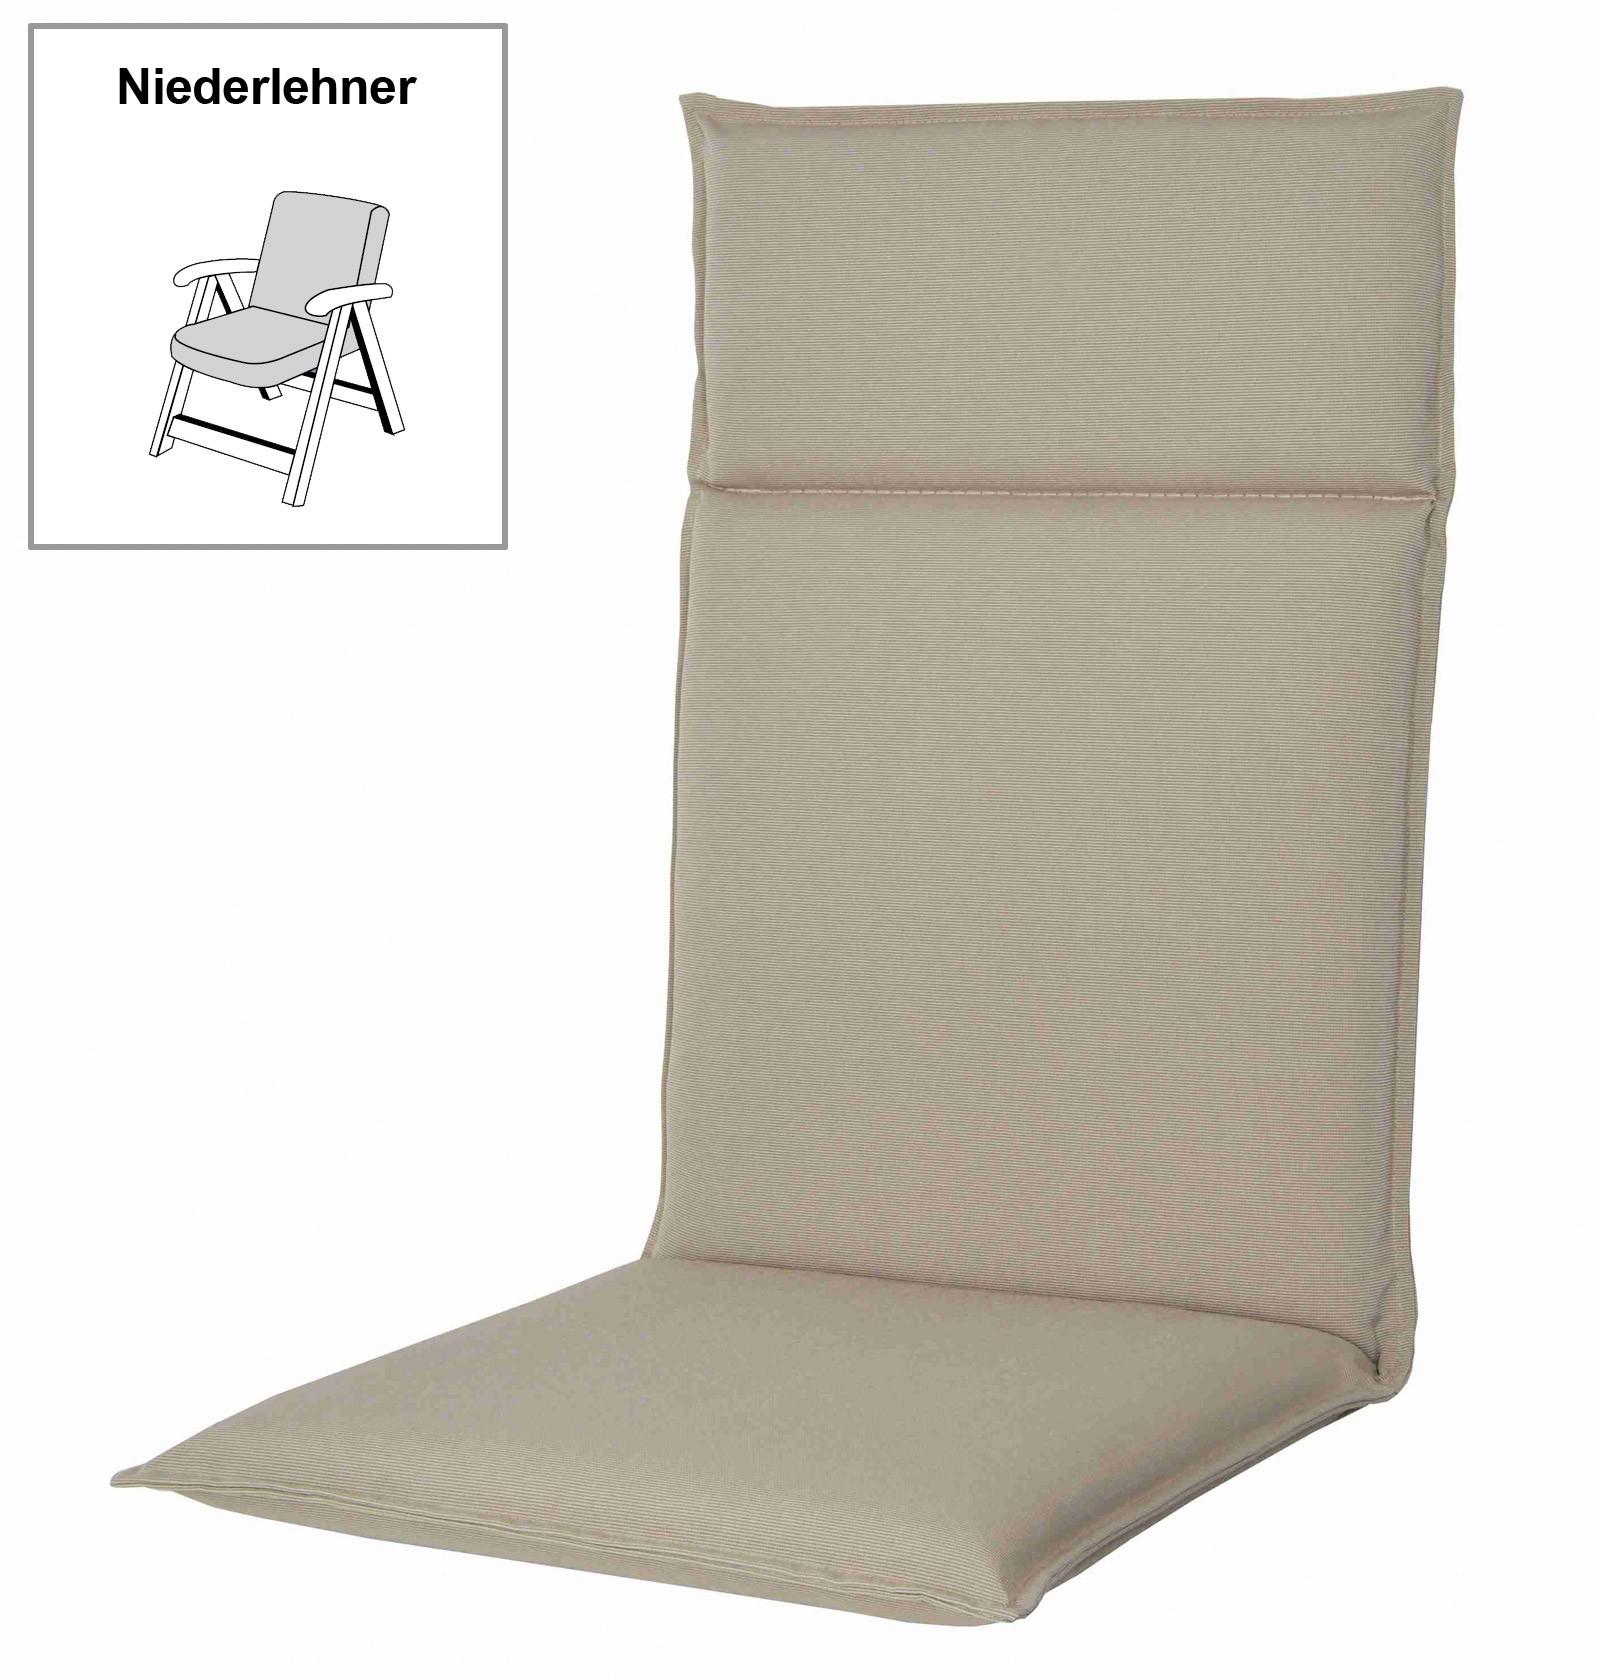 Doppler Polster / Auflage Gartensessel Niederlehner Des. Spirit T847 Bild 1